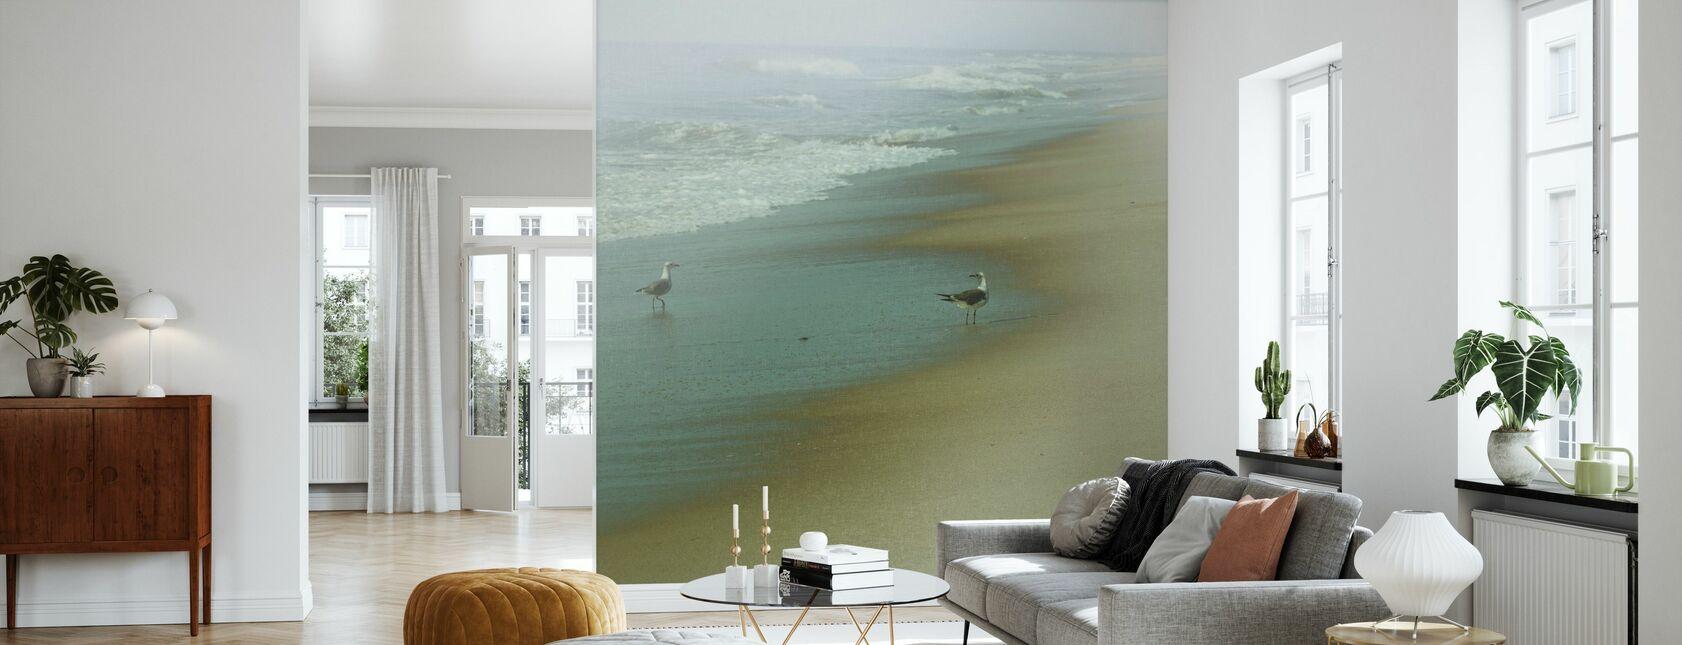 Seabirds - Wallpaper - Living Room